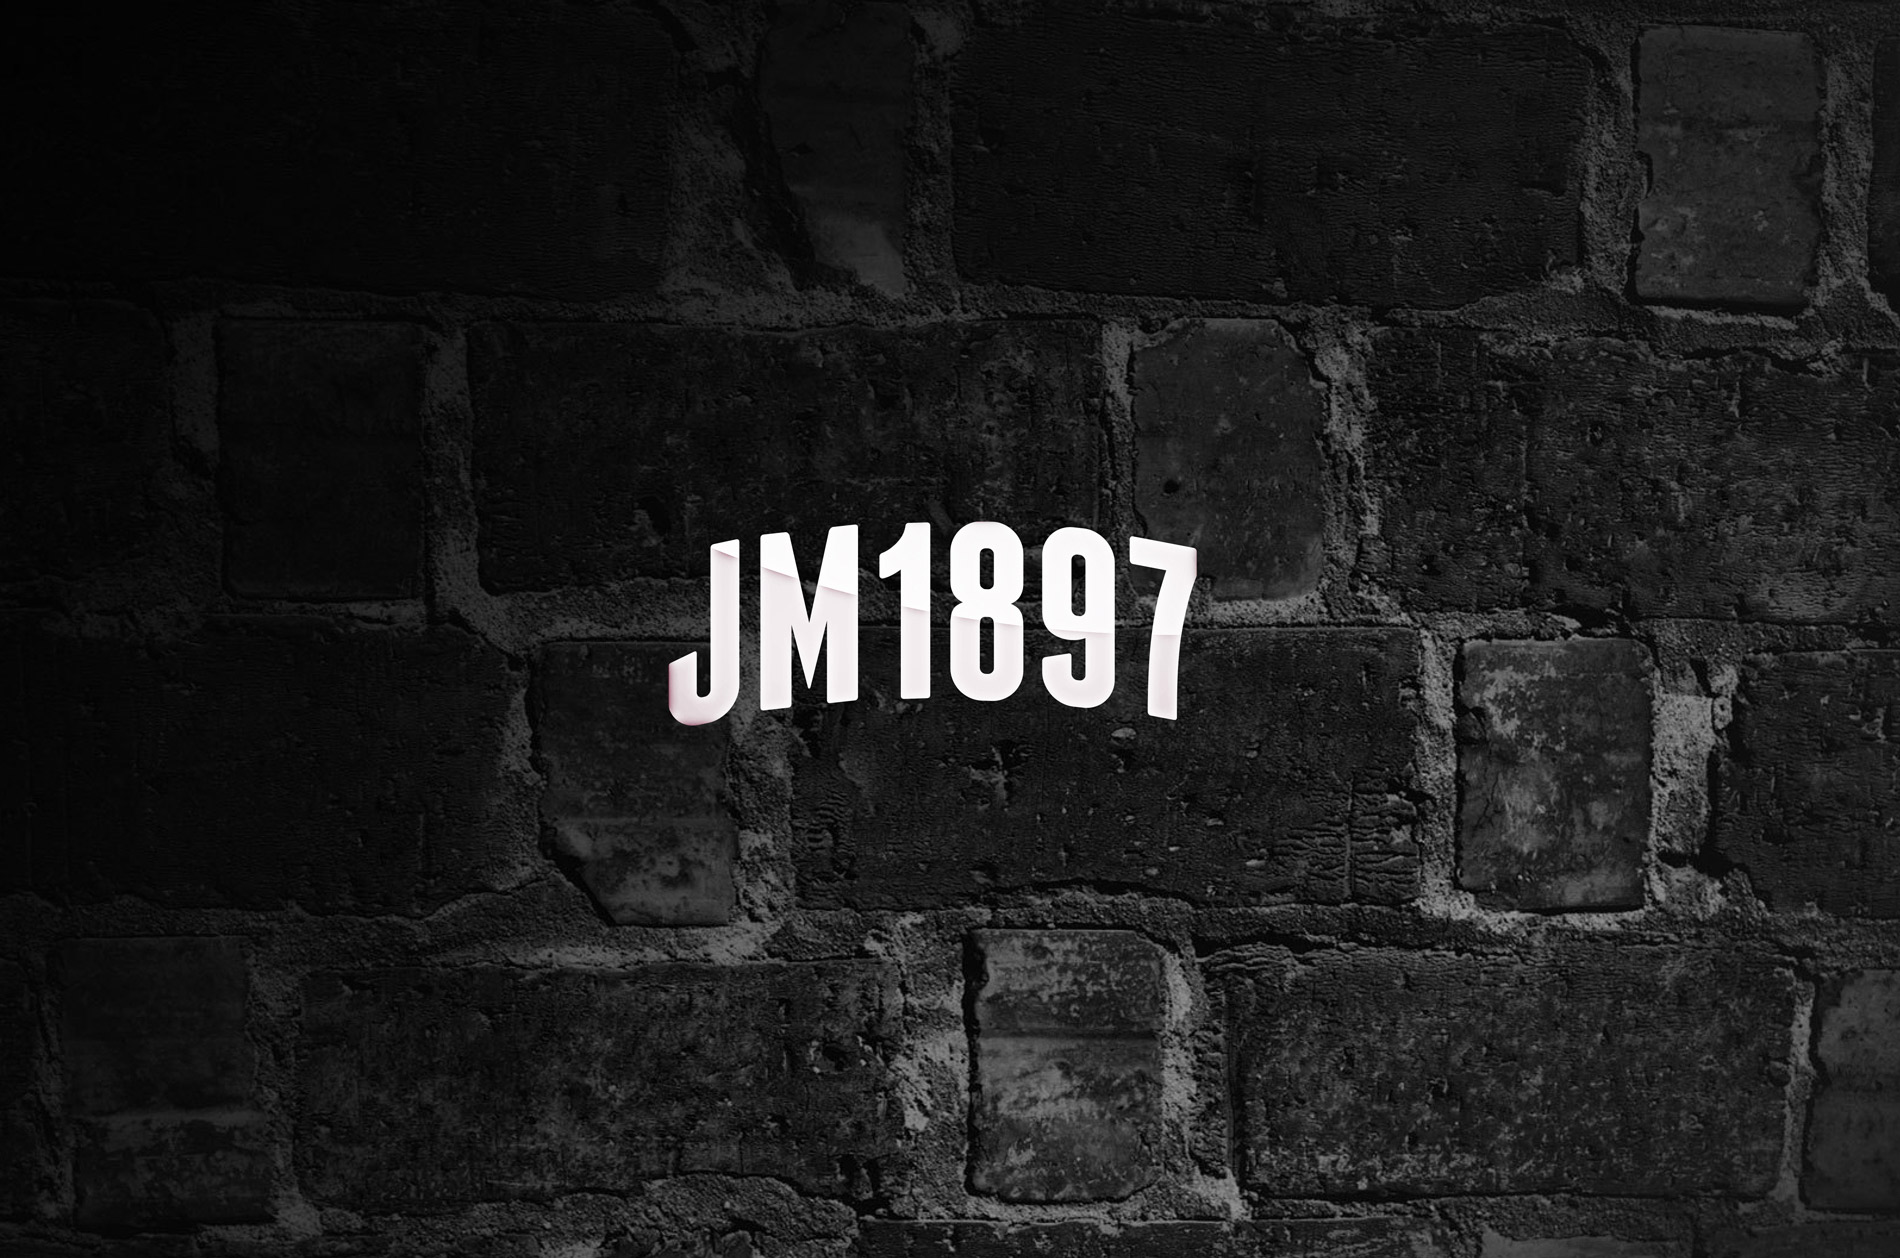 JM1897 Logo background